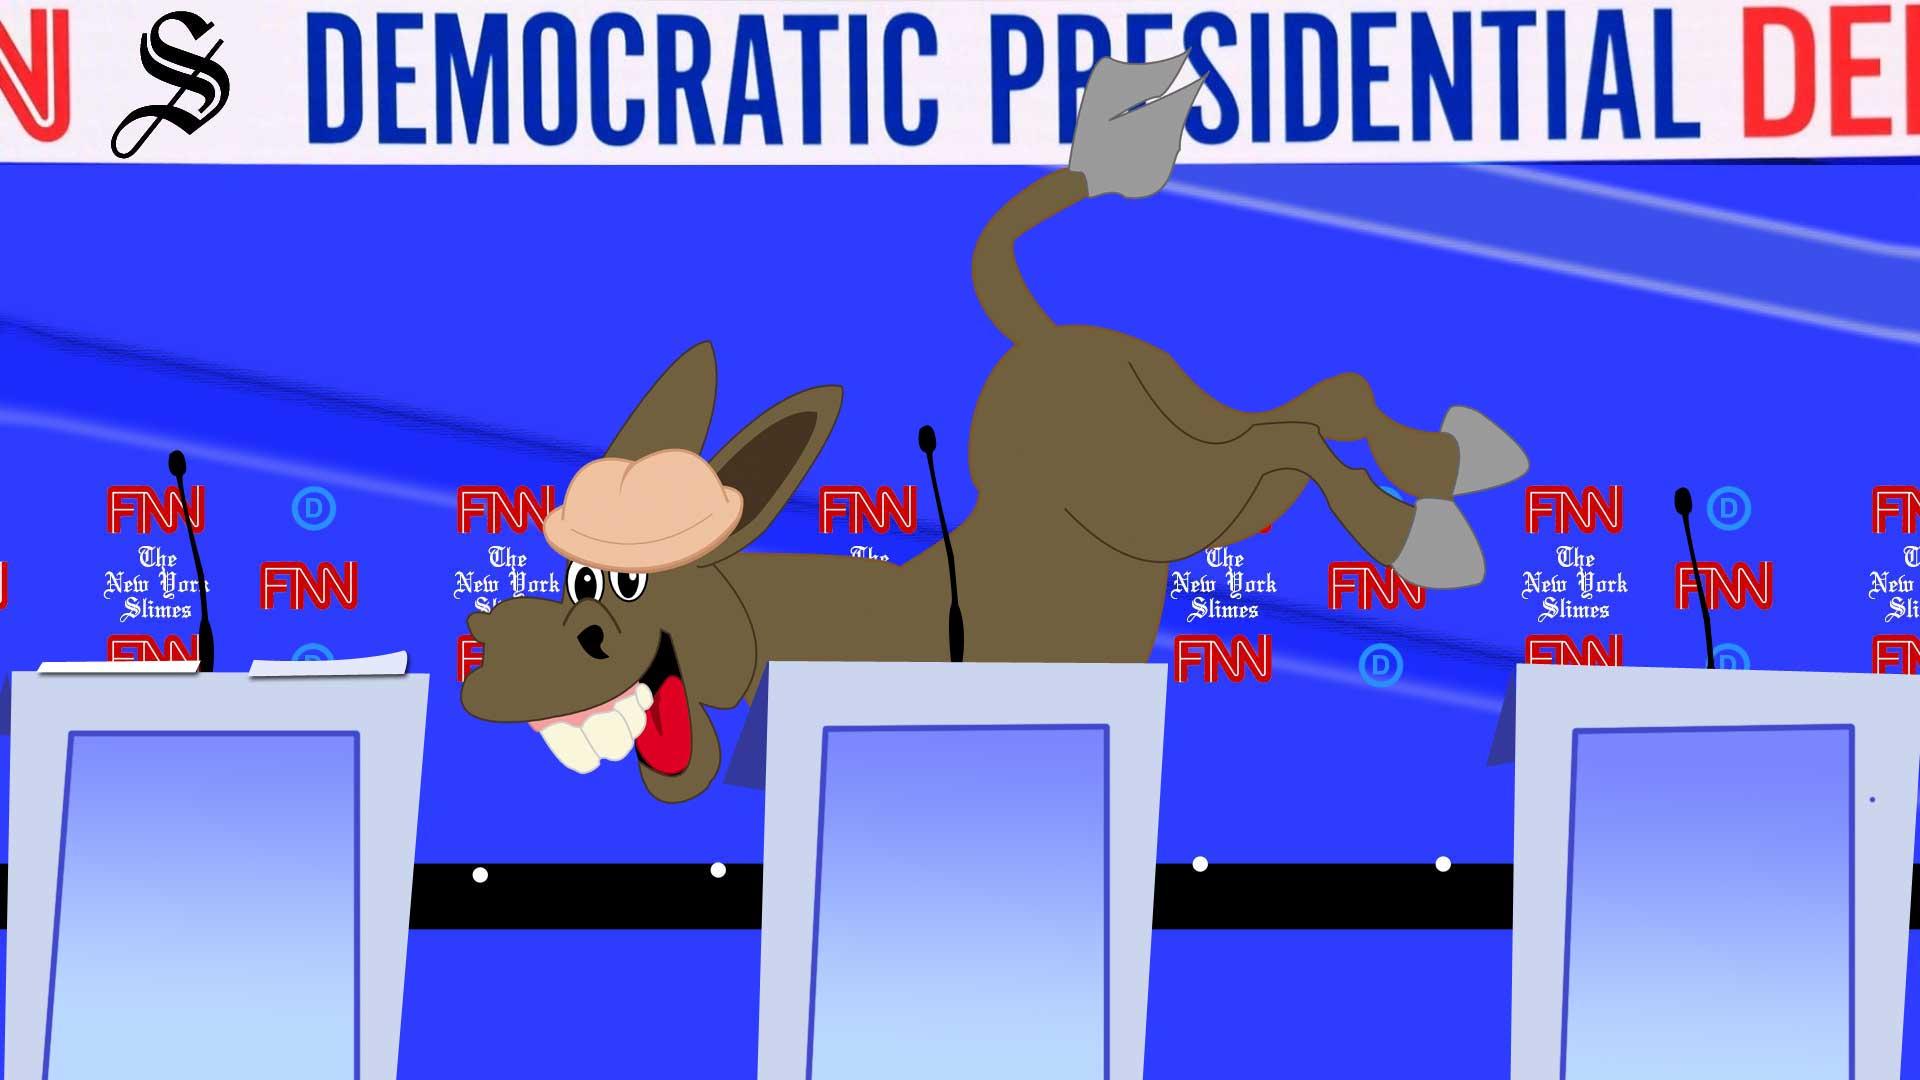 Democrats throw Bernie under the bus…again